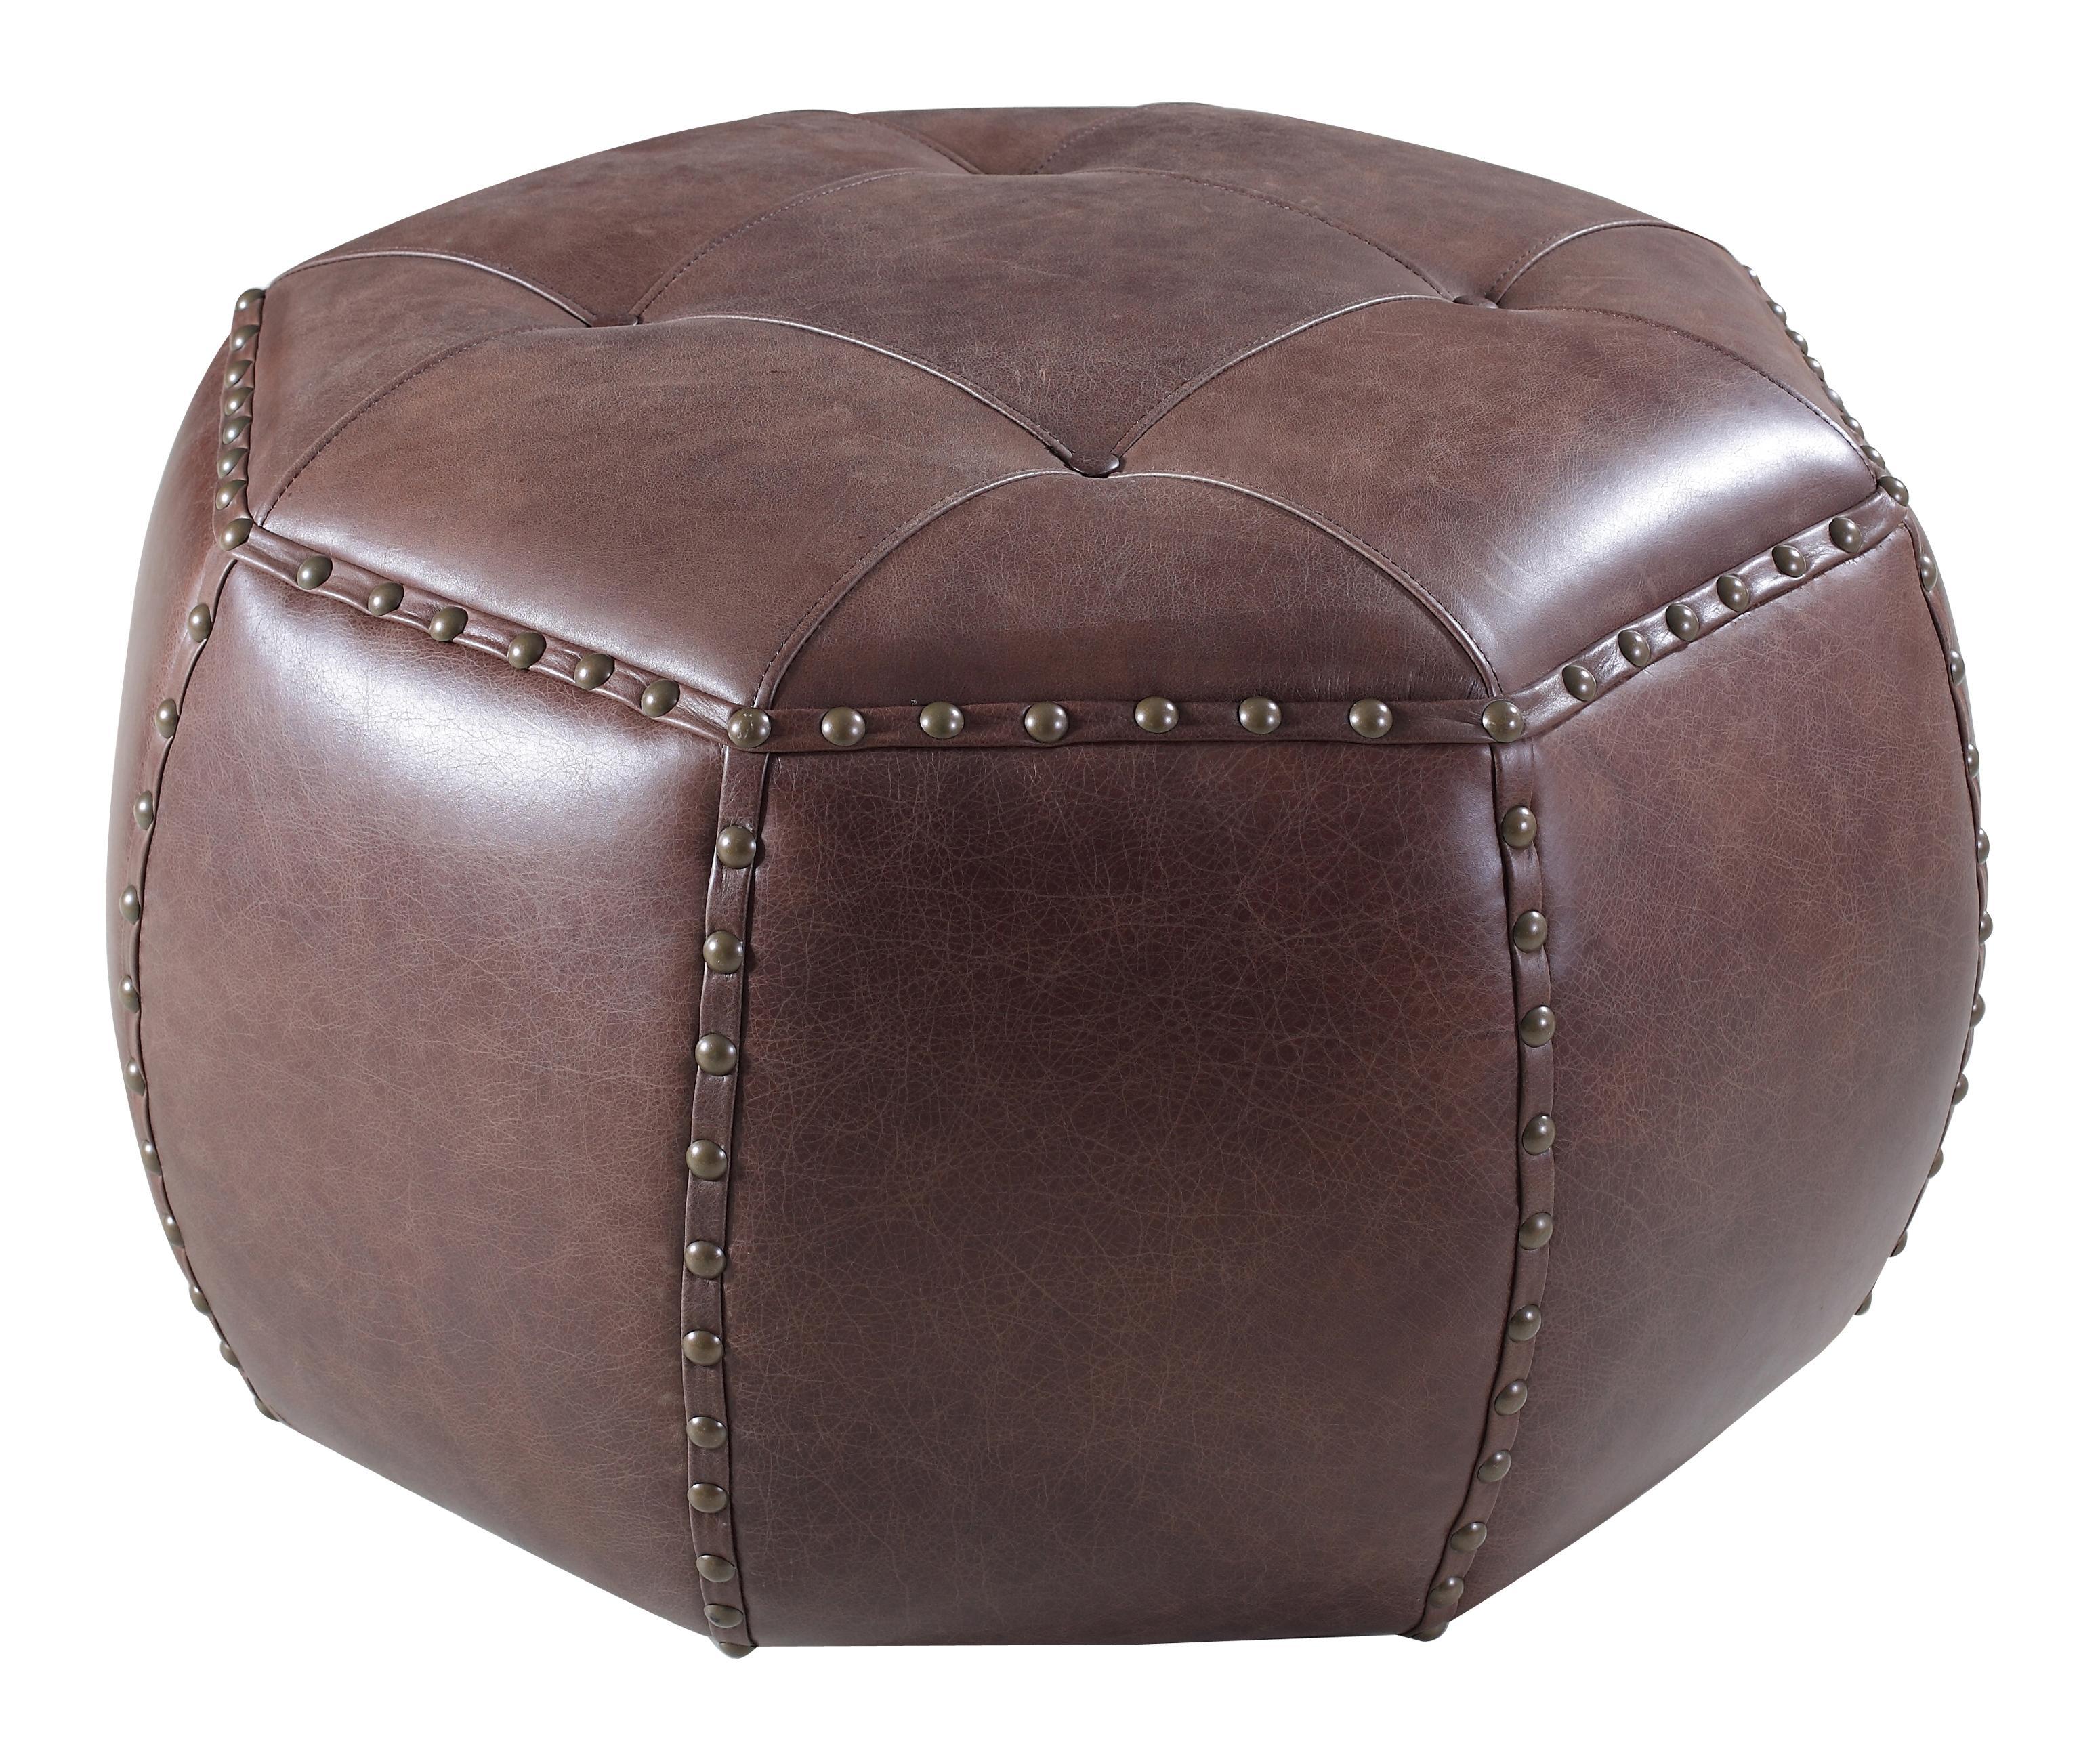 Hooker Furniture Accent Ottomans Octagonal Ottoman - Item Number: SS389-OT-087